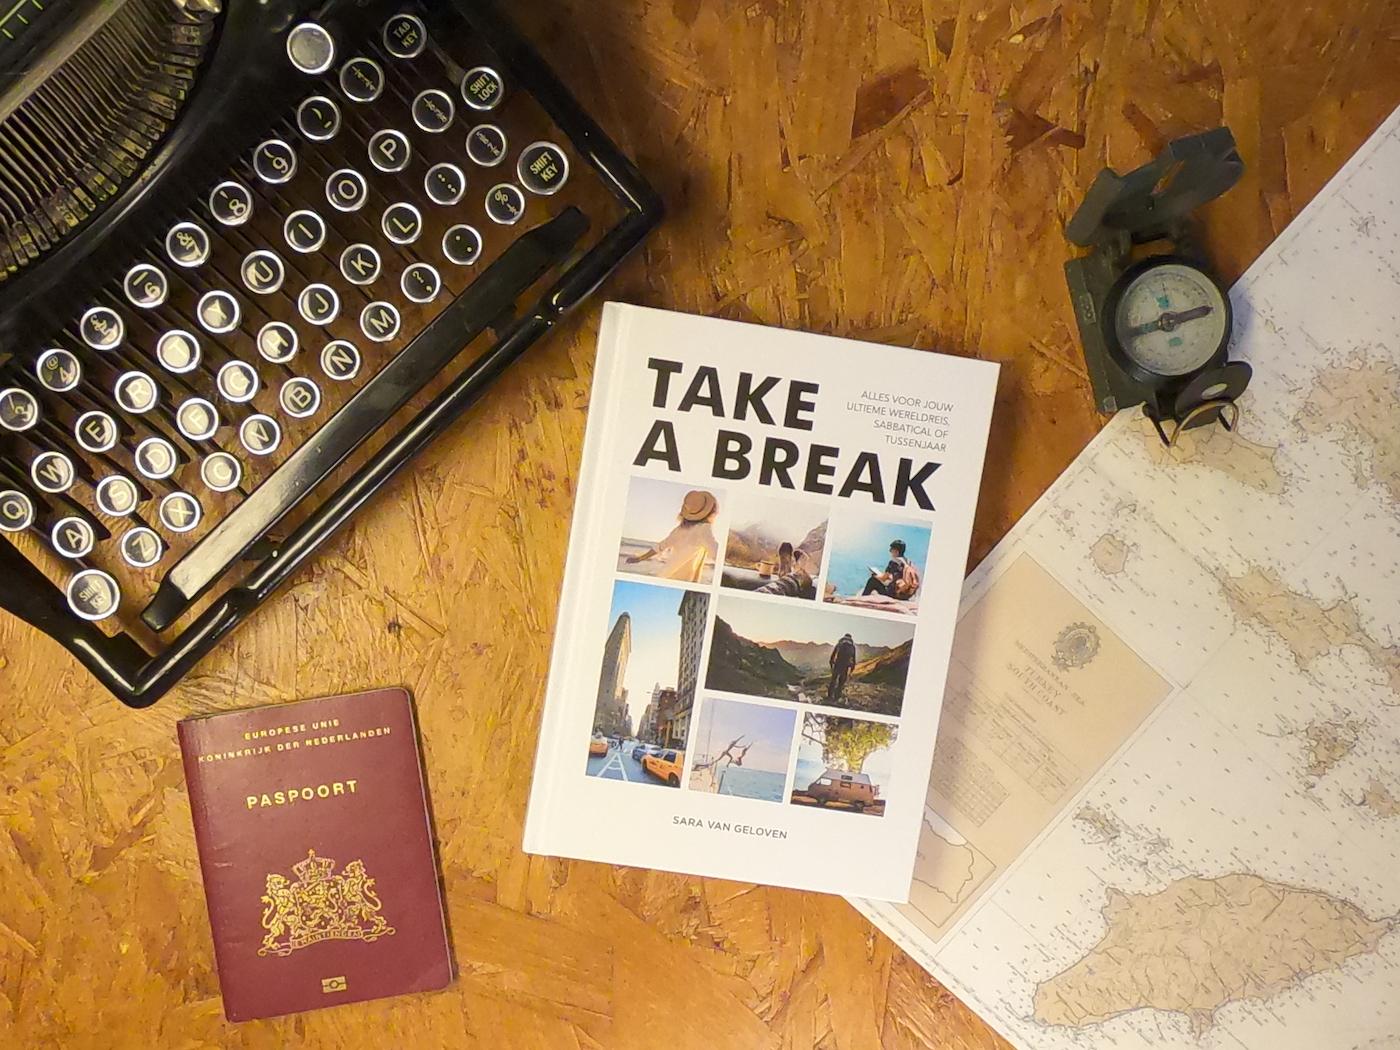 Take a break reisboek